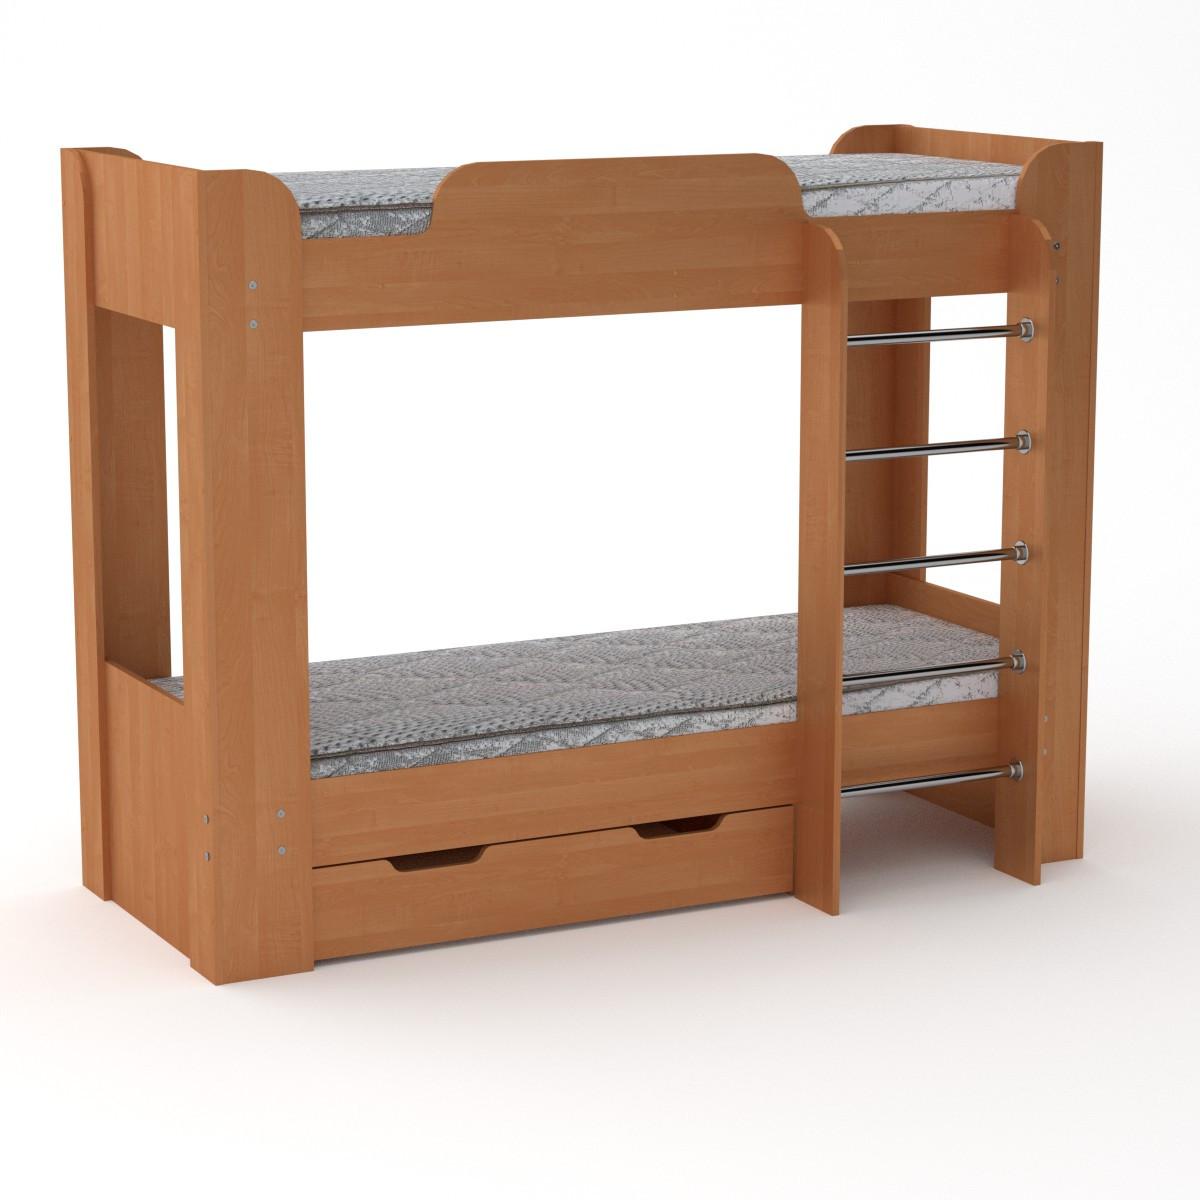 Кровать с матрасами двухъярусная Твикс-2 ольха Компанит